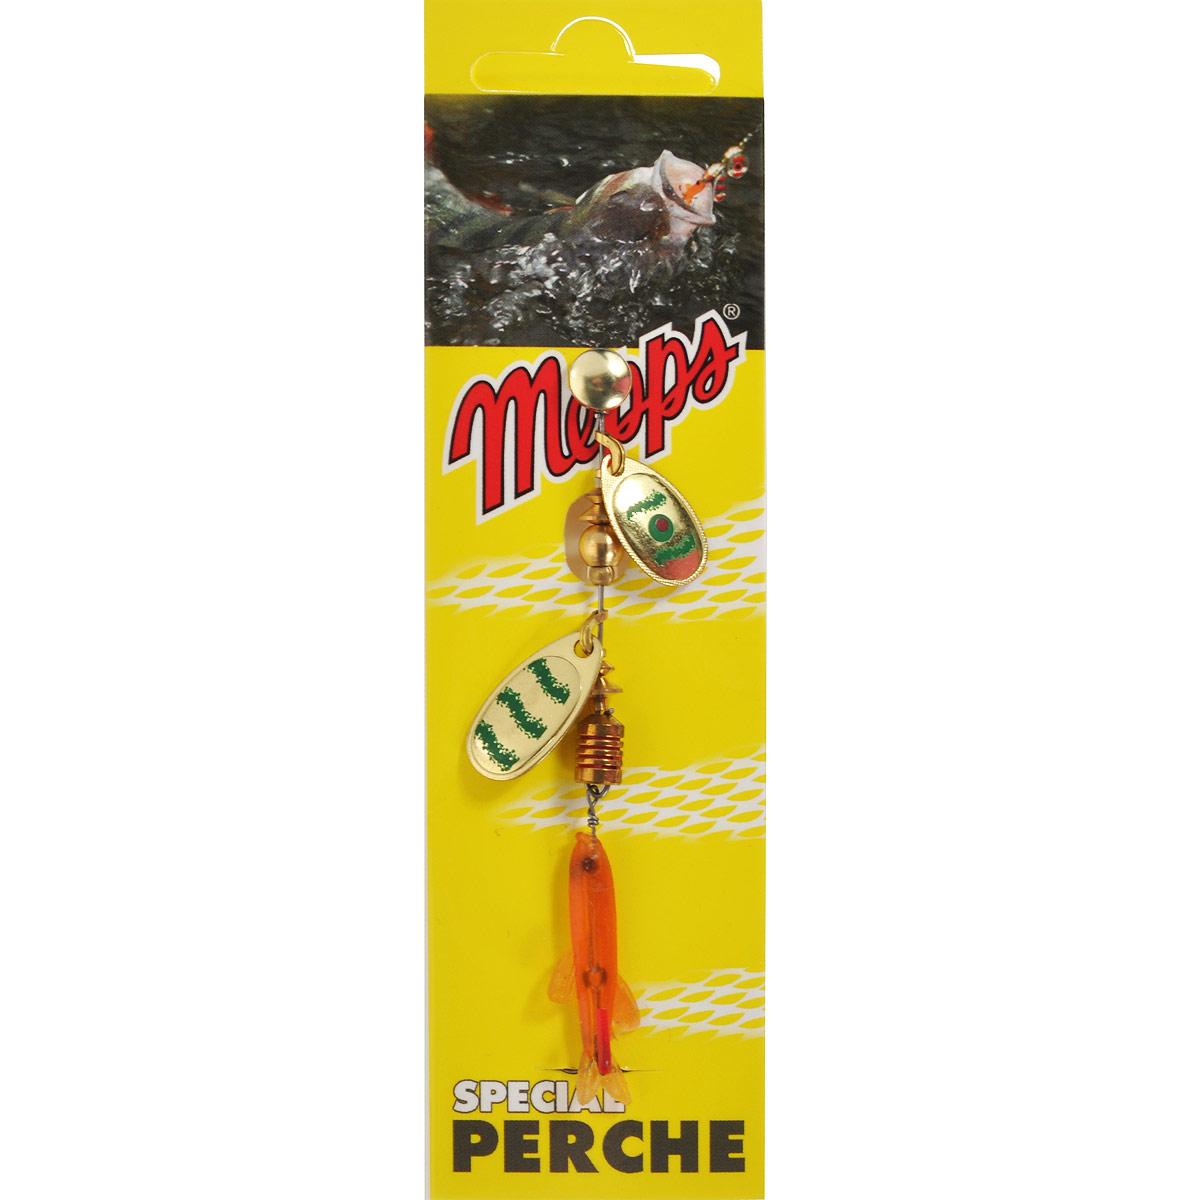 Блесна Mepps Tandem Perch OR/VERT, вращающаяся35428Вращающаяся блесна Mepps Tandem Perch OR/VERT в первую очередь рассчитана на ловлю окуня, который наиболее распространен в большинстве рек и озер. Двойной лепесток Tandem Perch и плавное погружение дают быстрые и сверх привлекательные сигналы, что вызывает у хищника желание полакомиться мальком.